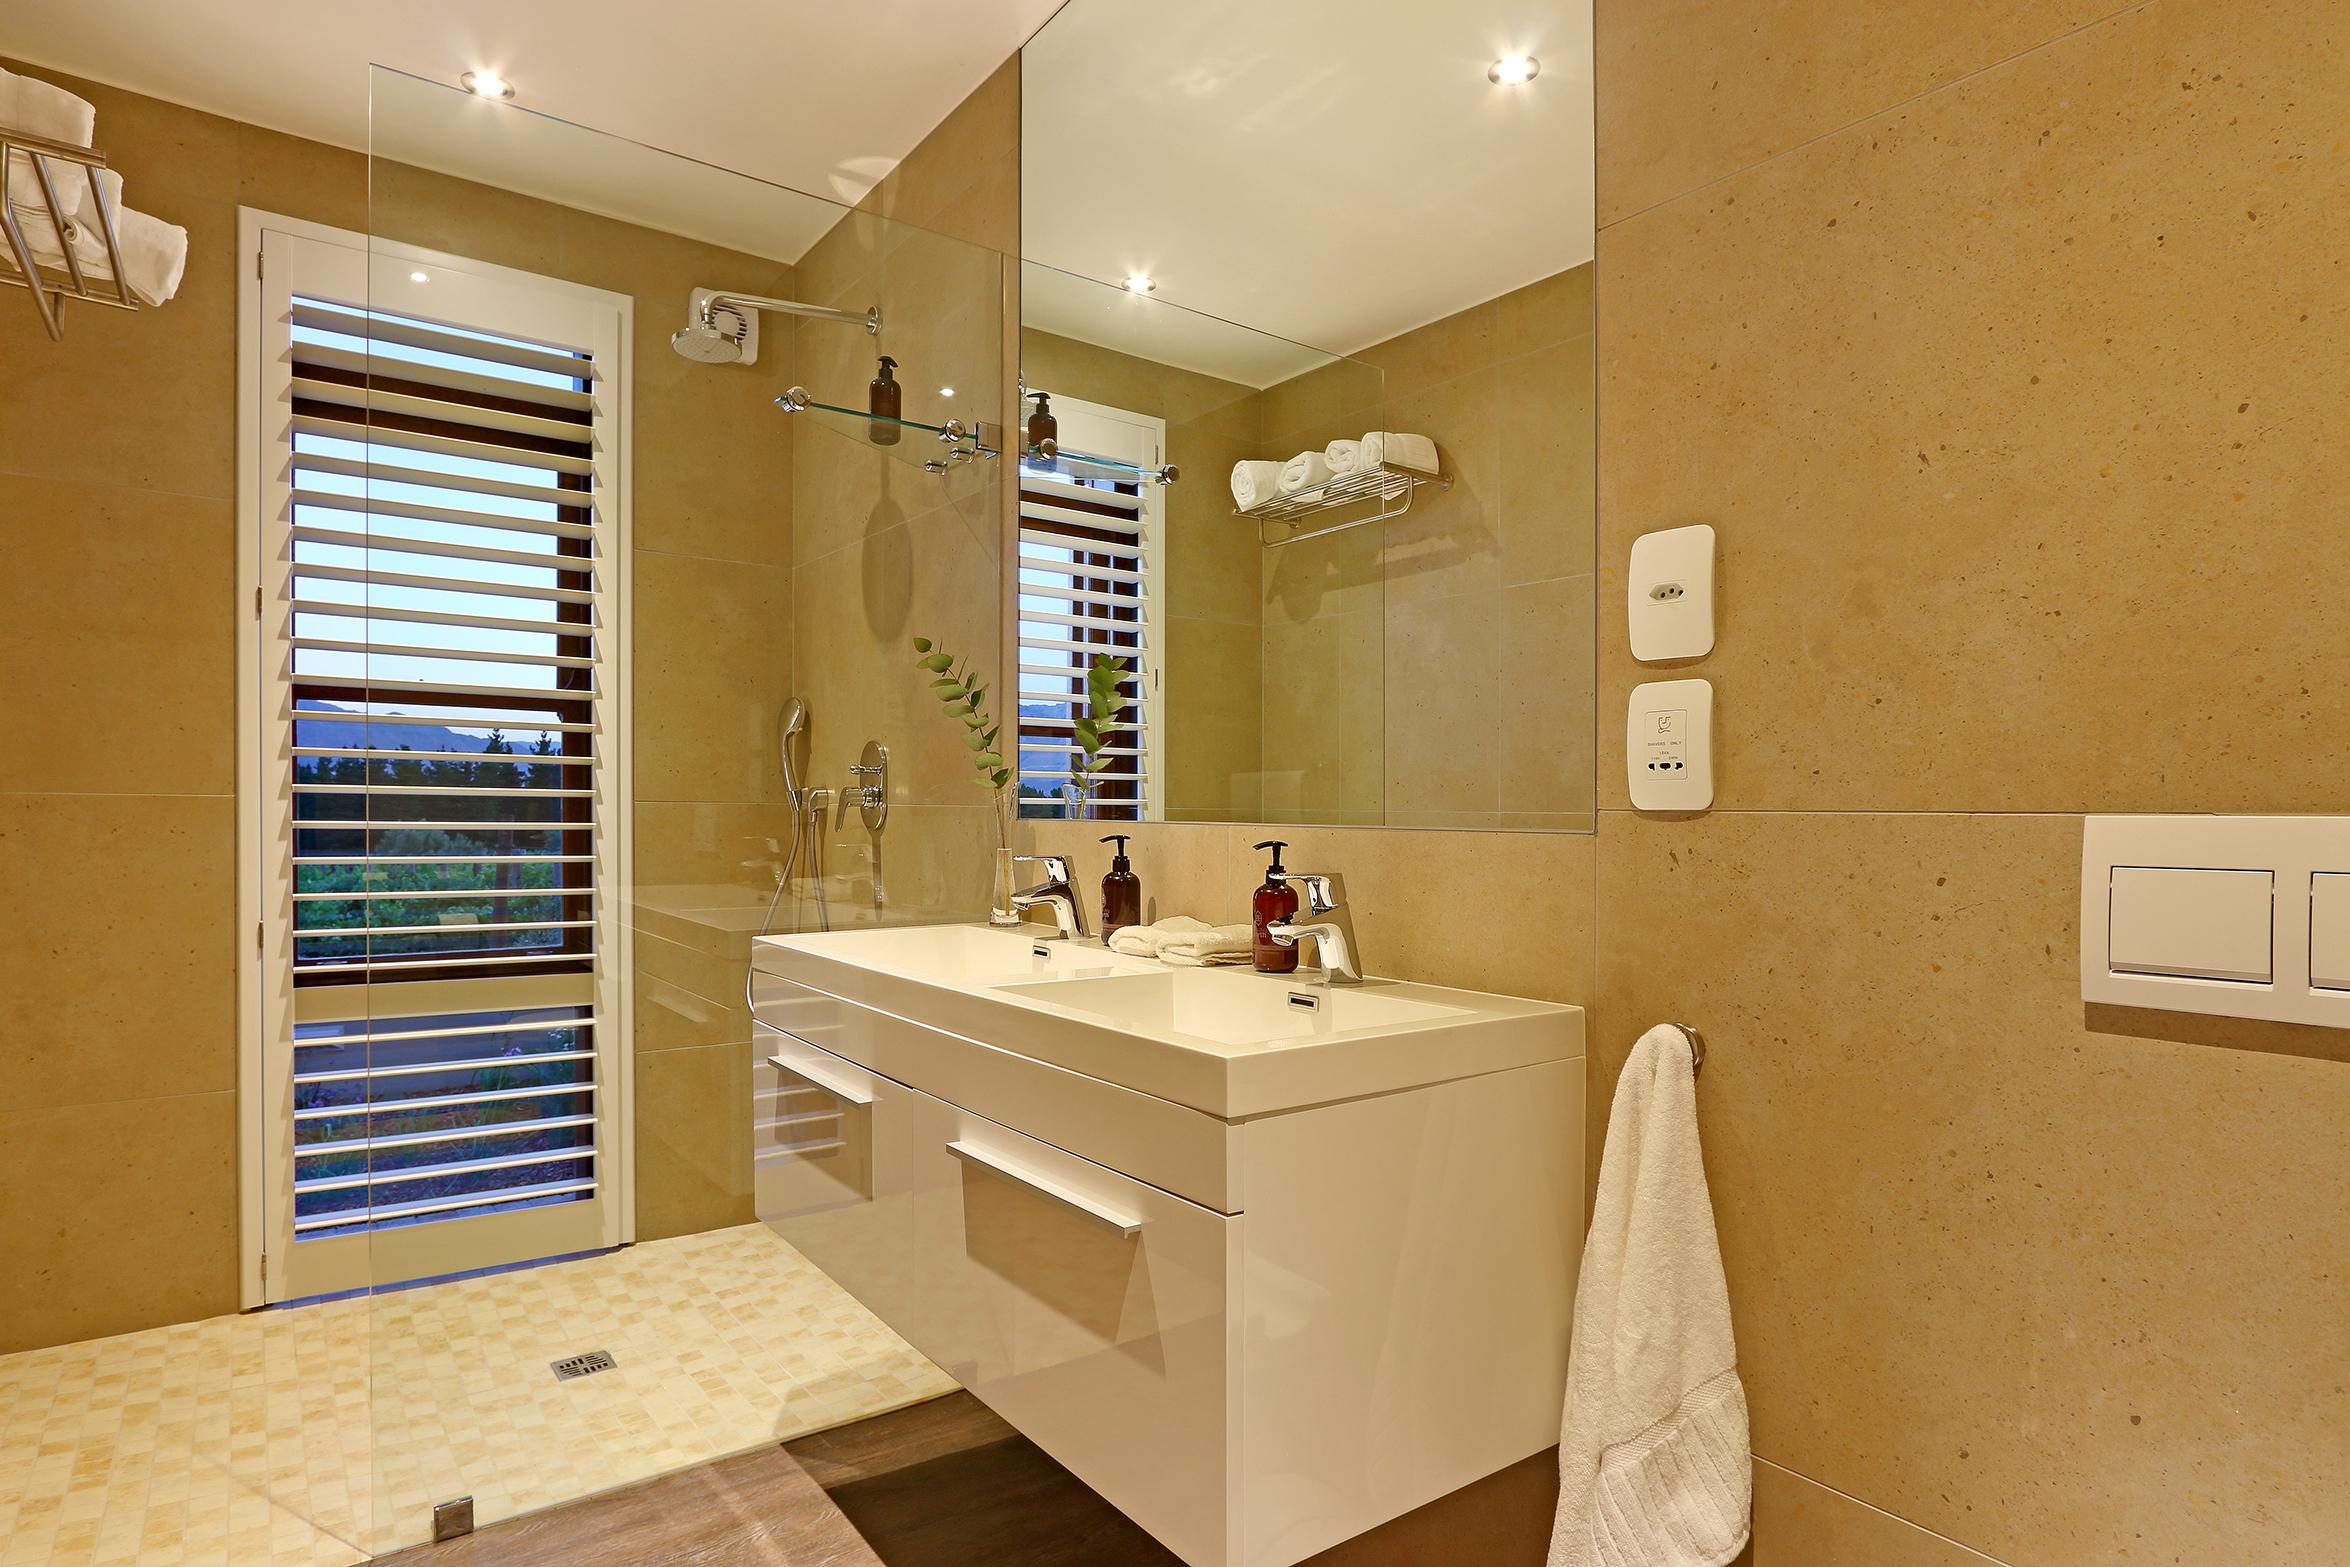 04 Skaaphouse owners bathroom.jpg